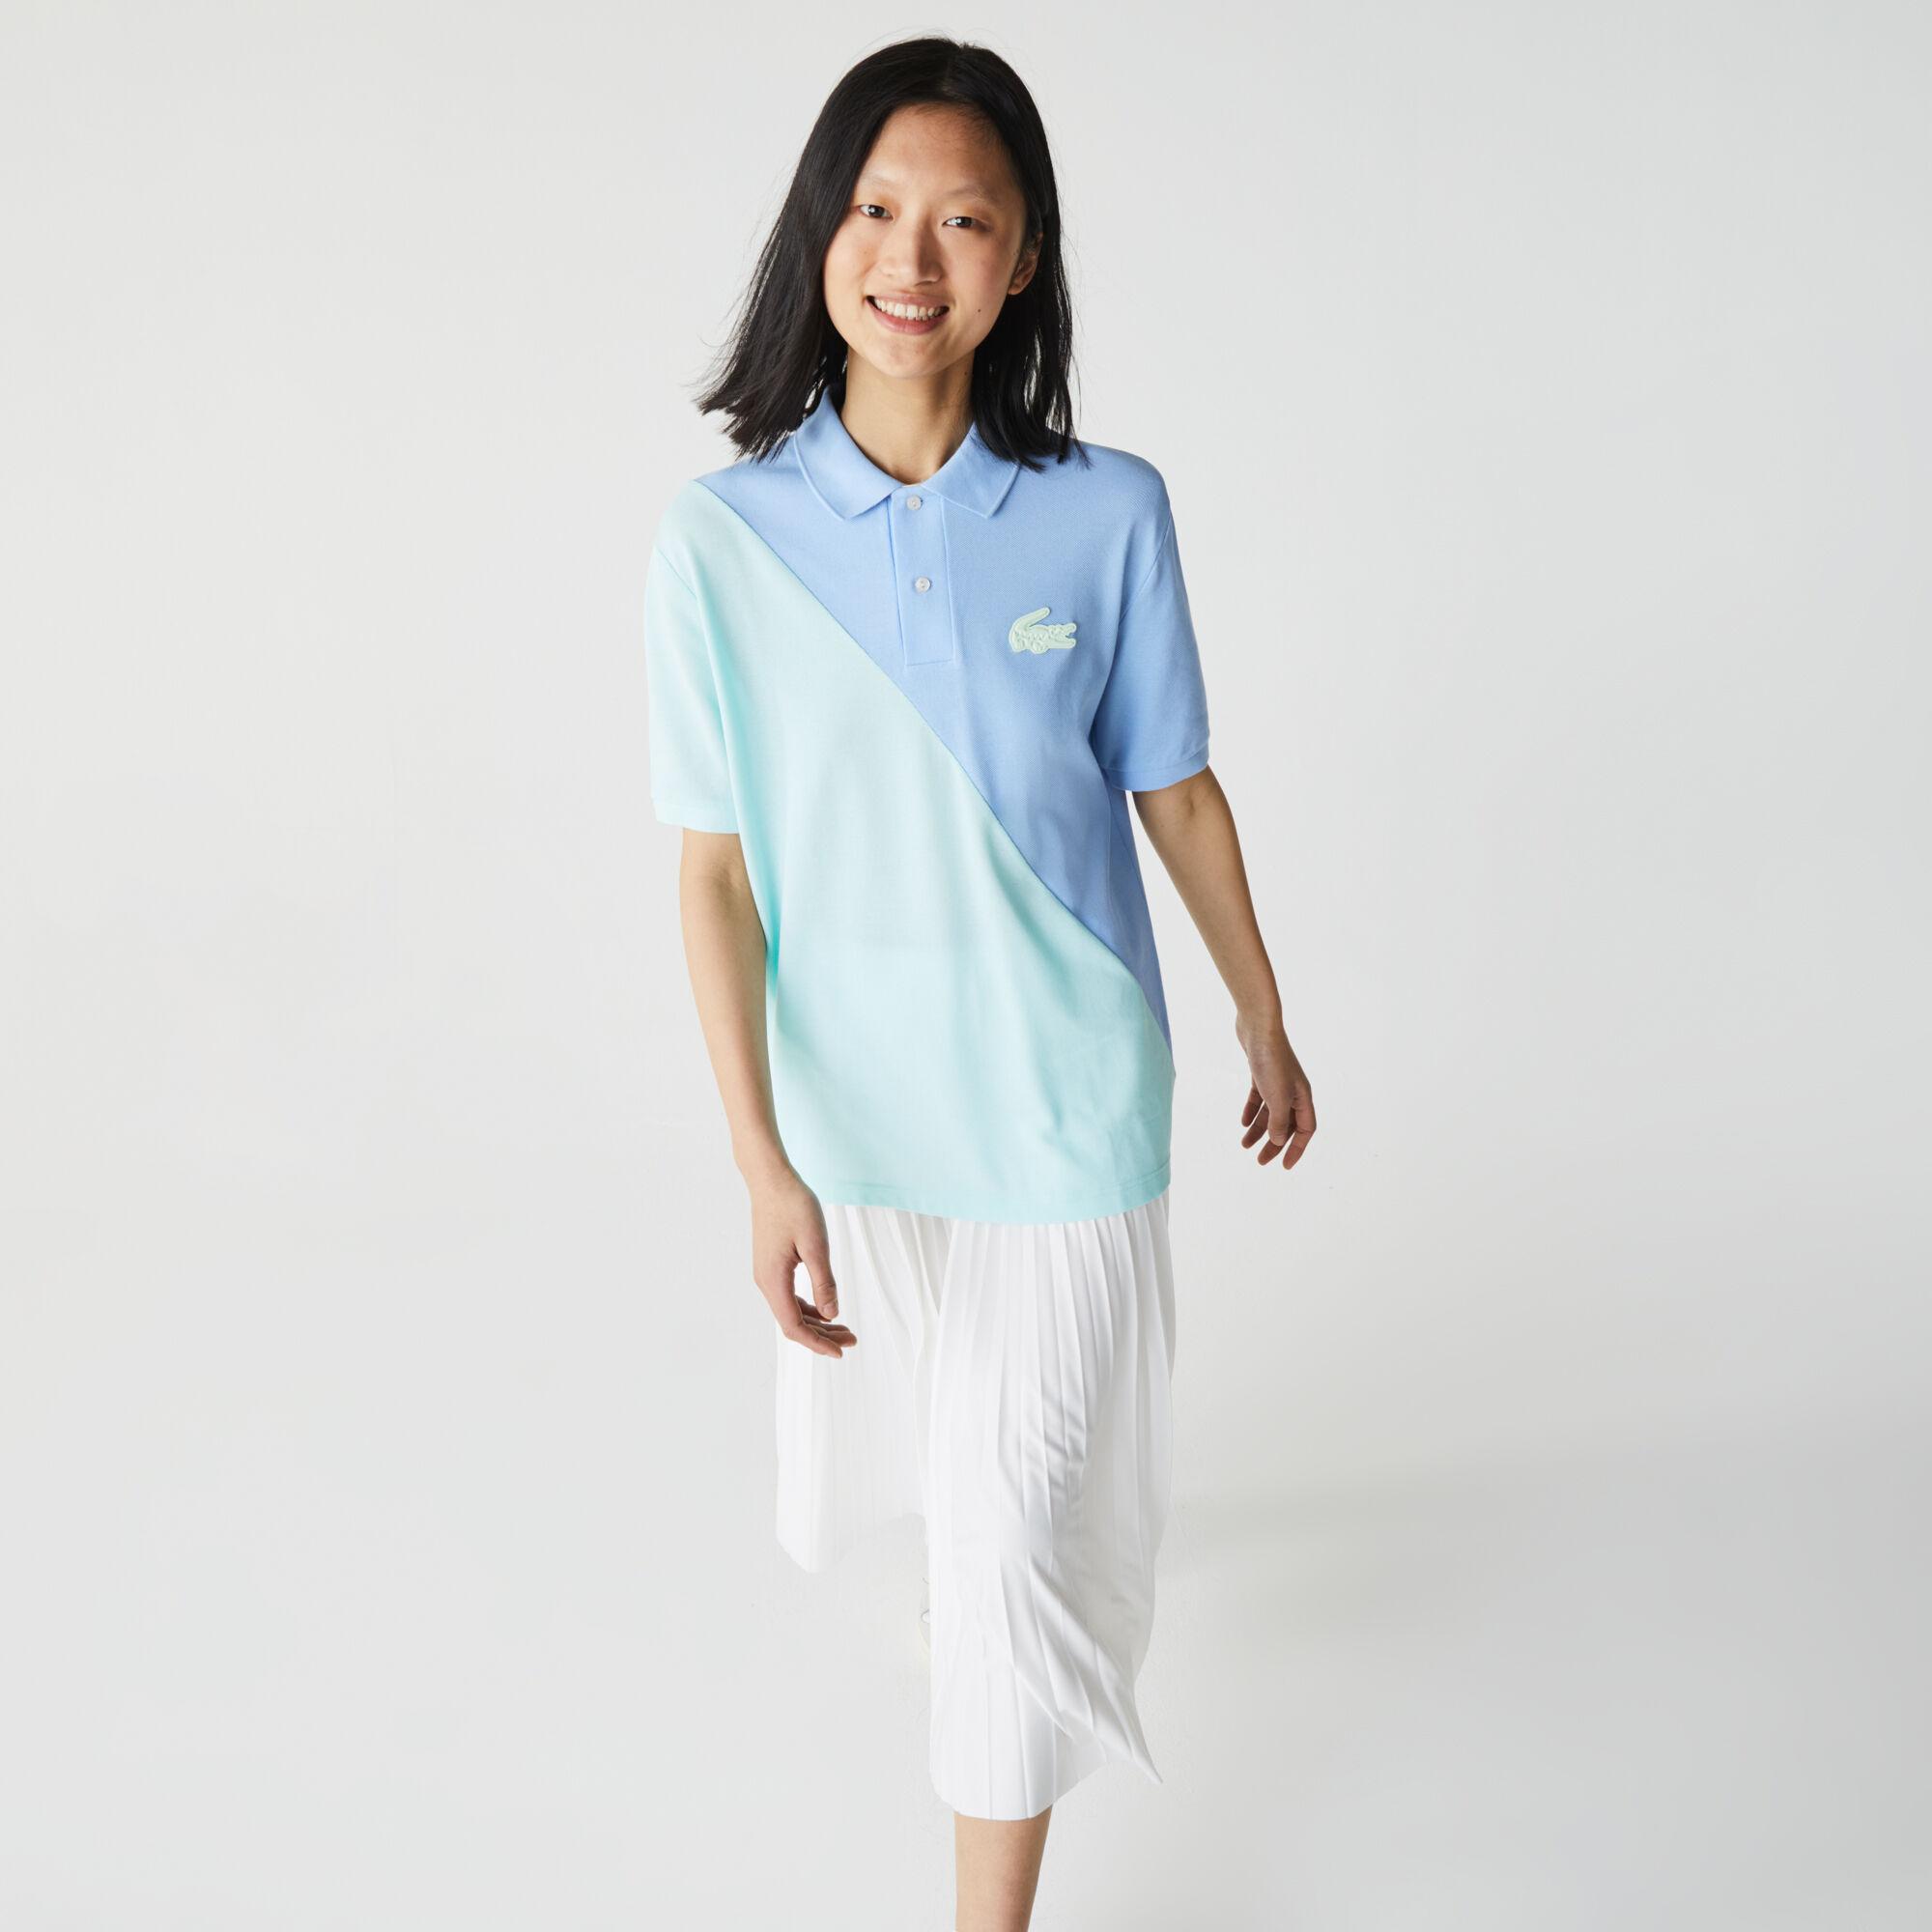 Unisex Lacoste LIVE Loose Fit Colorblock Cotton Piqué Polo